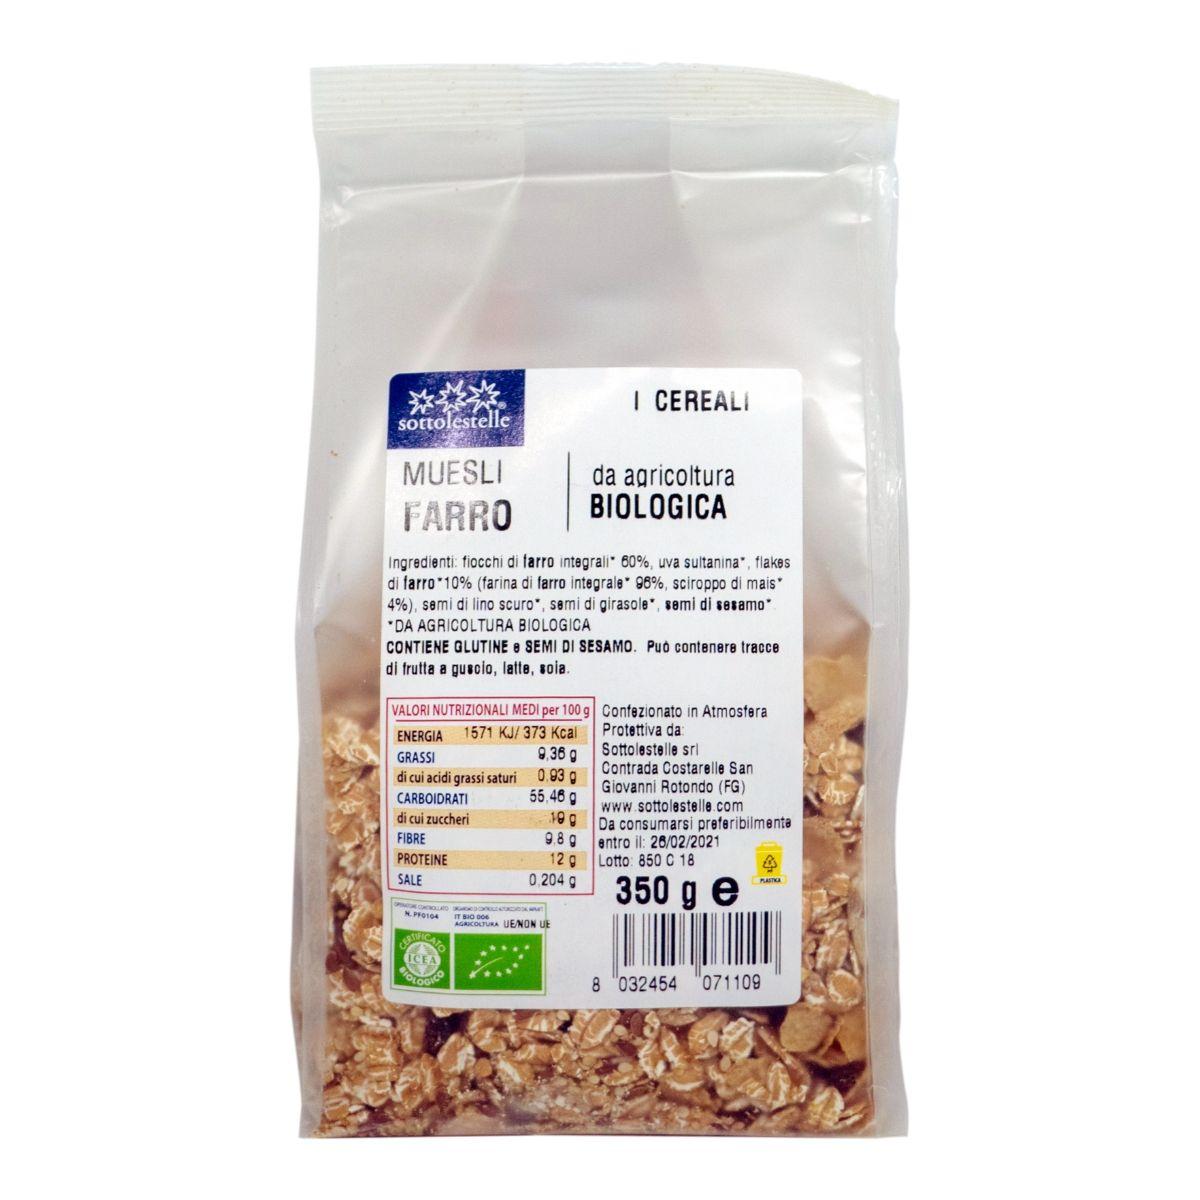 8032454071109 B Ngũ cốc dinh dưỡng Muesli nho khô hữu cơ Sotto 350g - Muesli Farro